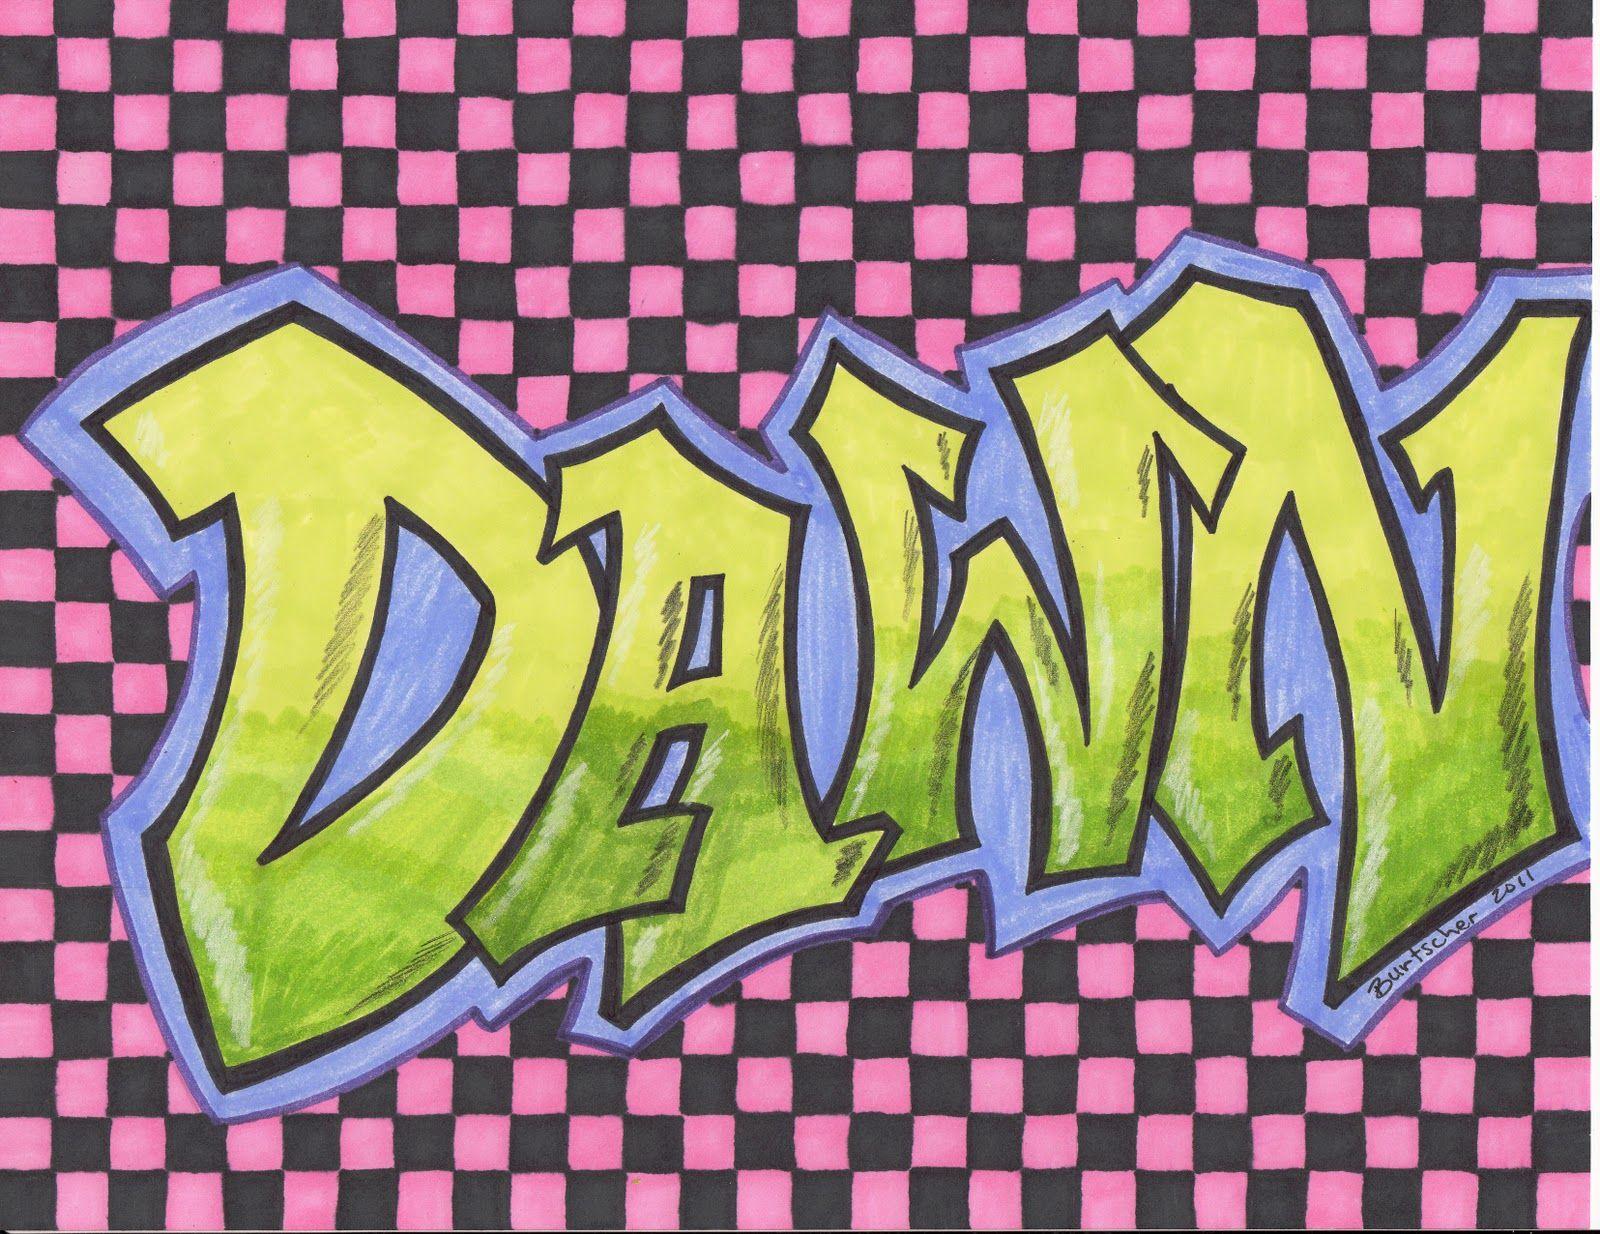 Result Graffiti Word Outline Art Education